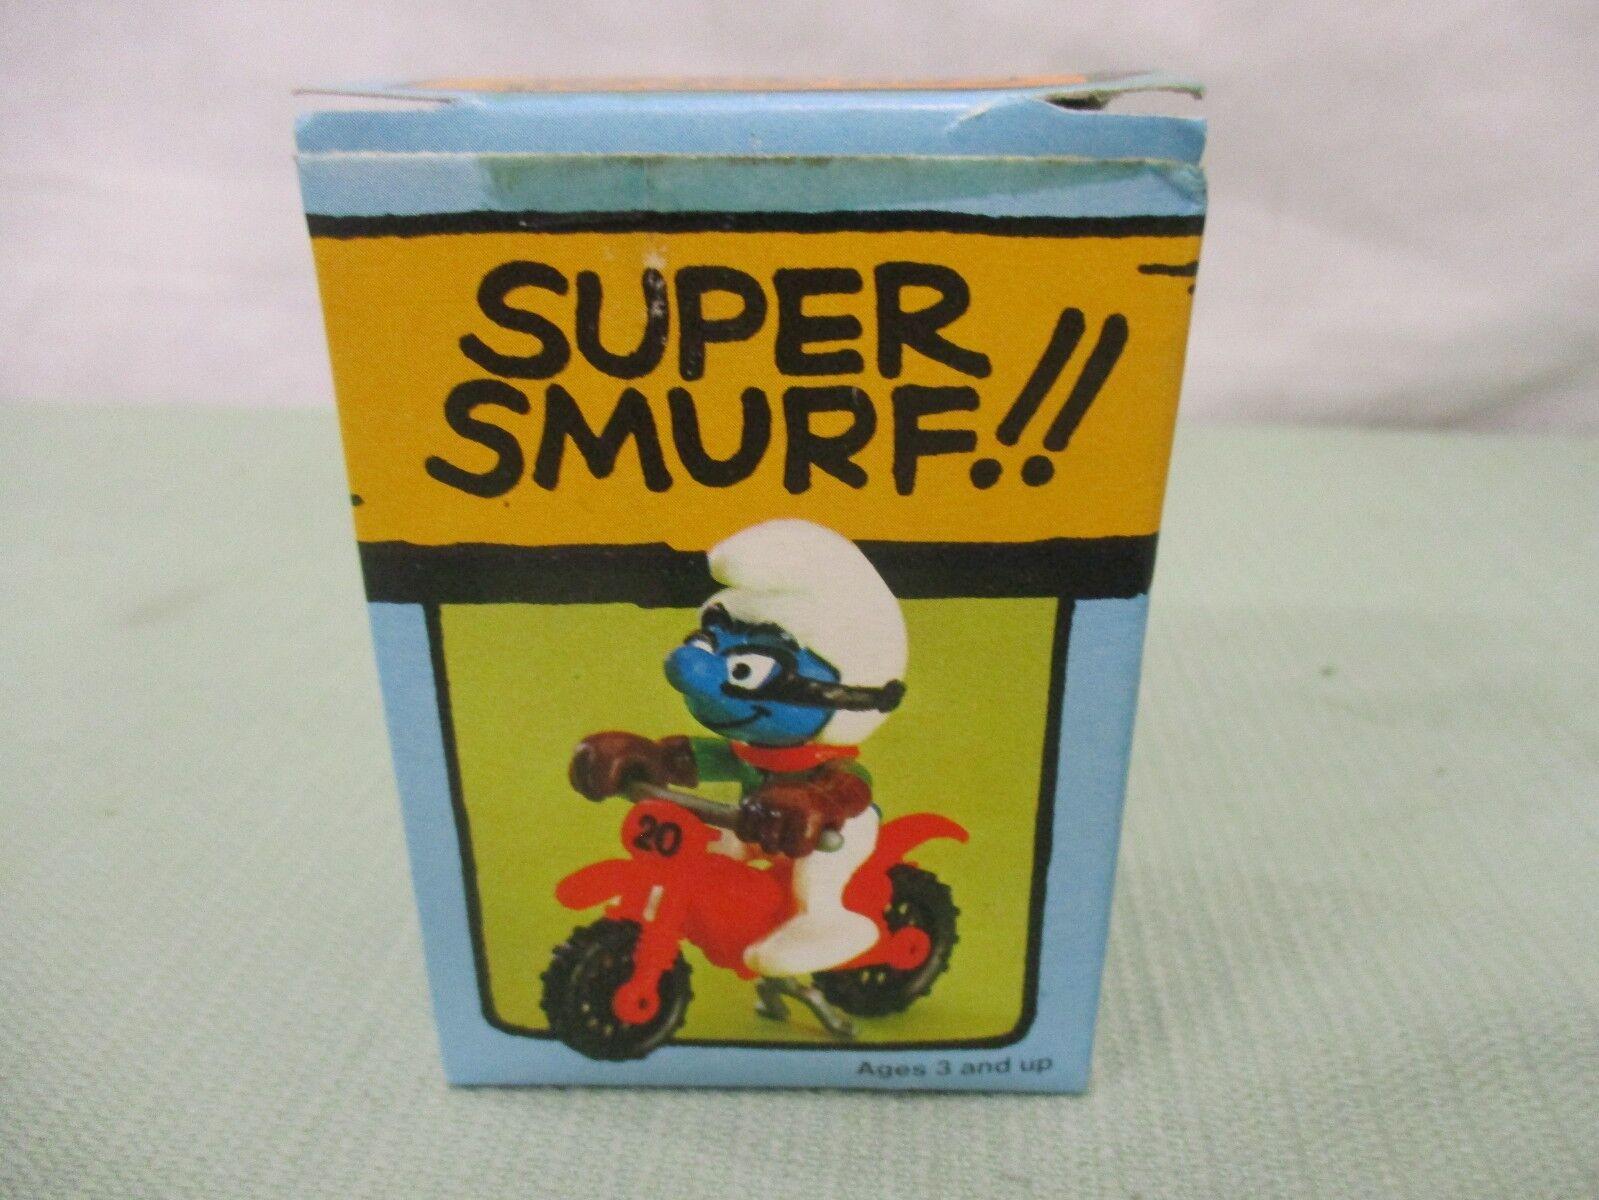 Super Smurf Figure box Vintage Toy Schleich Motocross dirt bike motorcycle sport